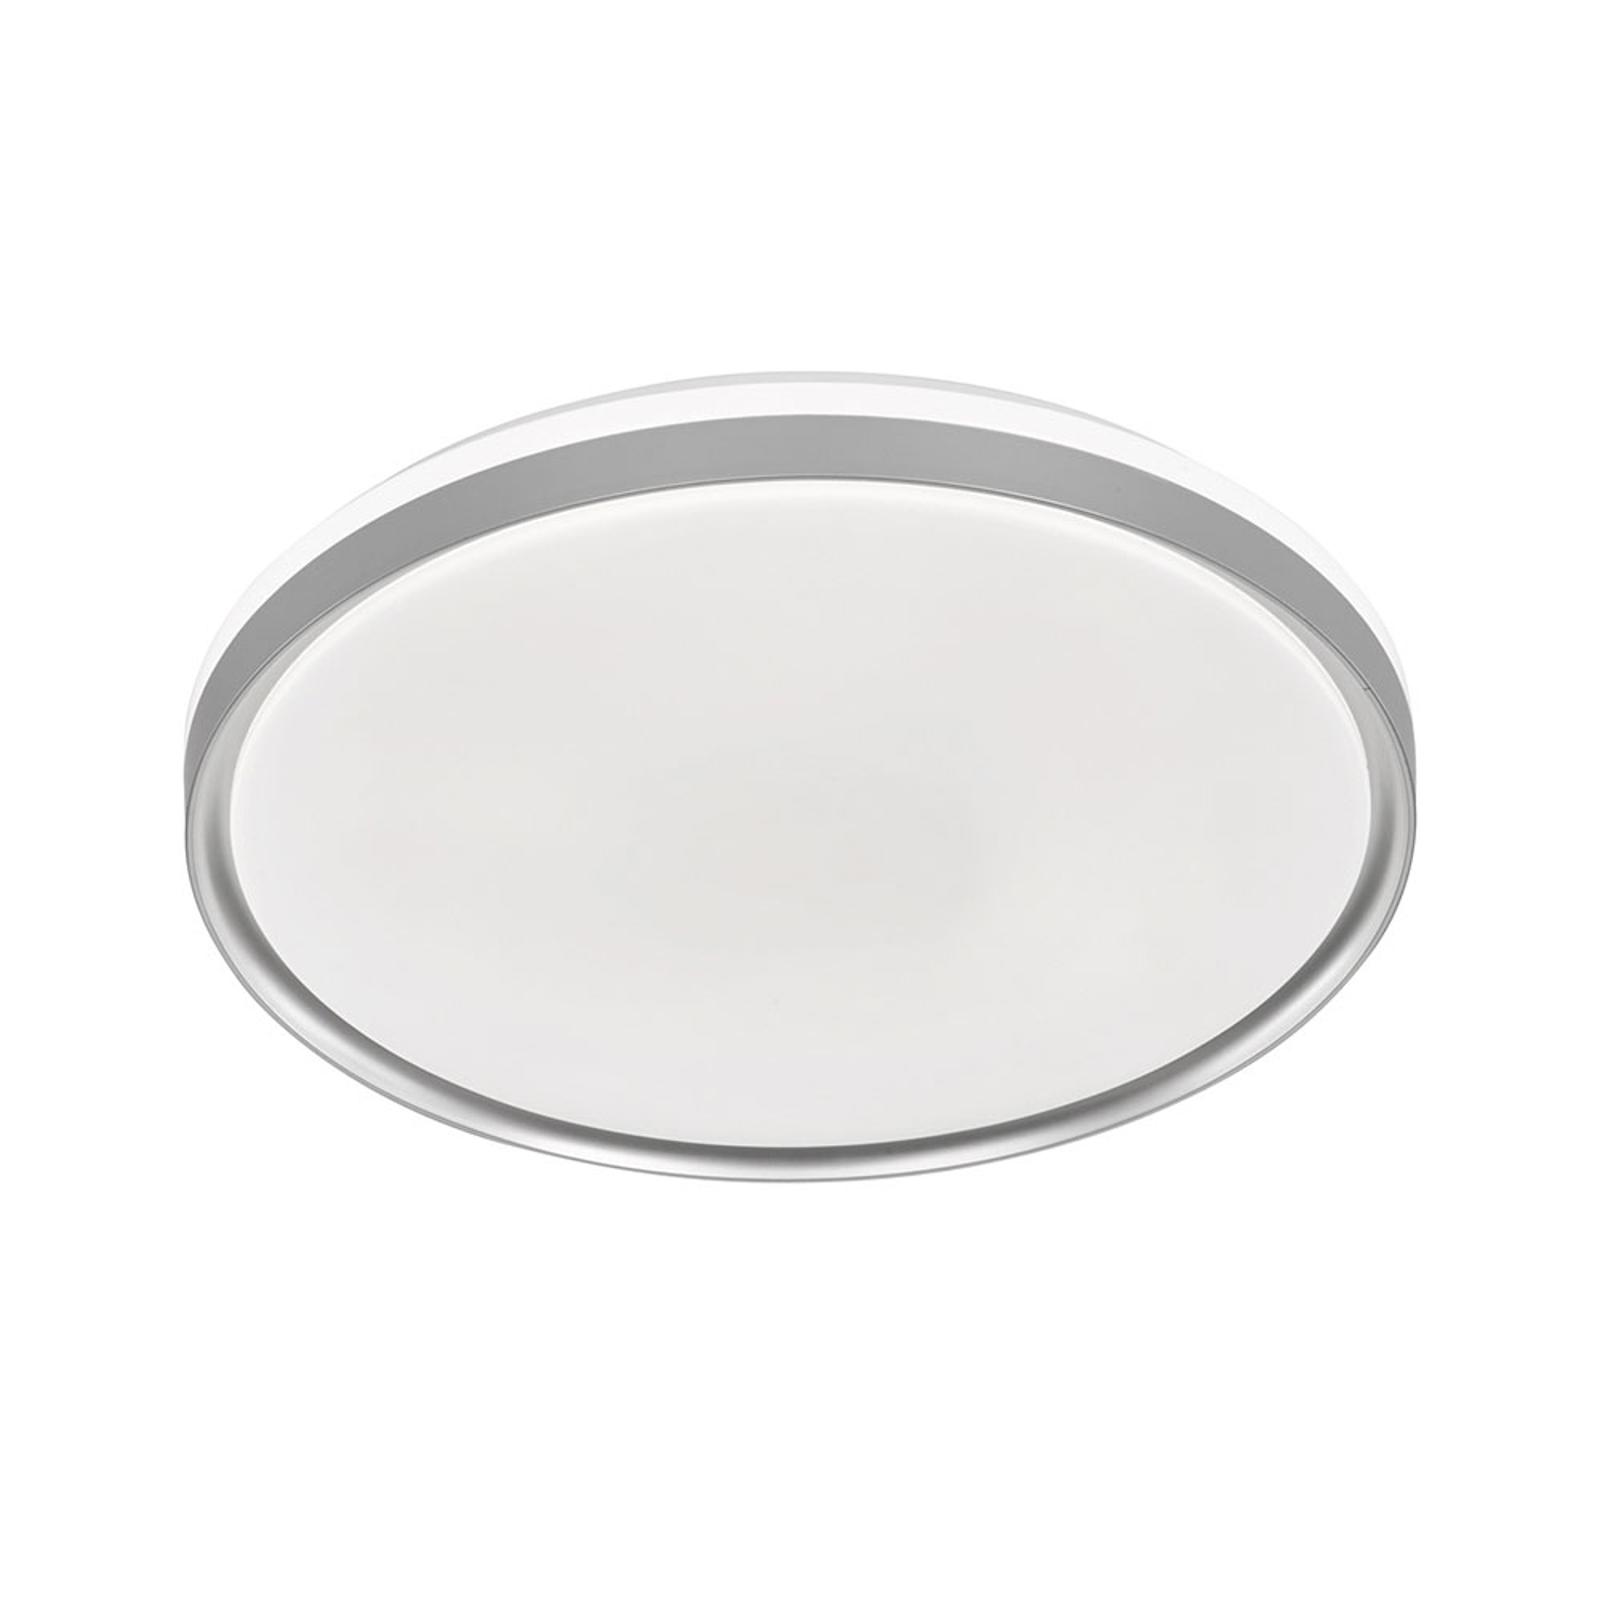 LED-taklampe Jaso BS, Ø 39 cm, sølv